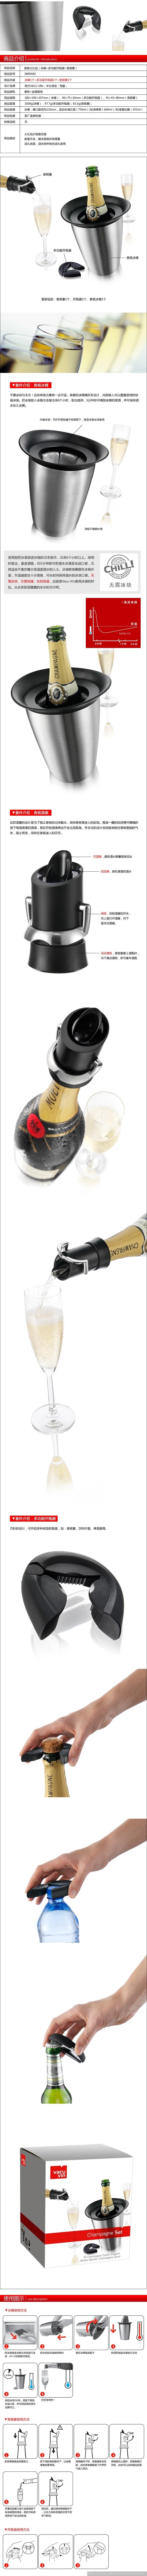 vin香槟桶 红酒冰桶